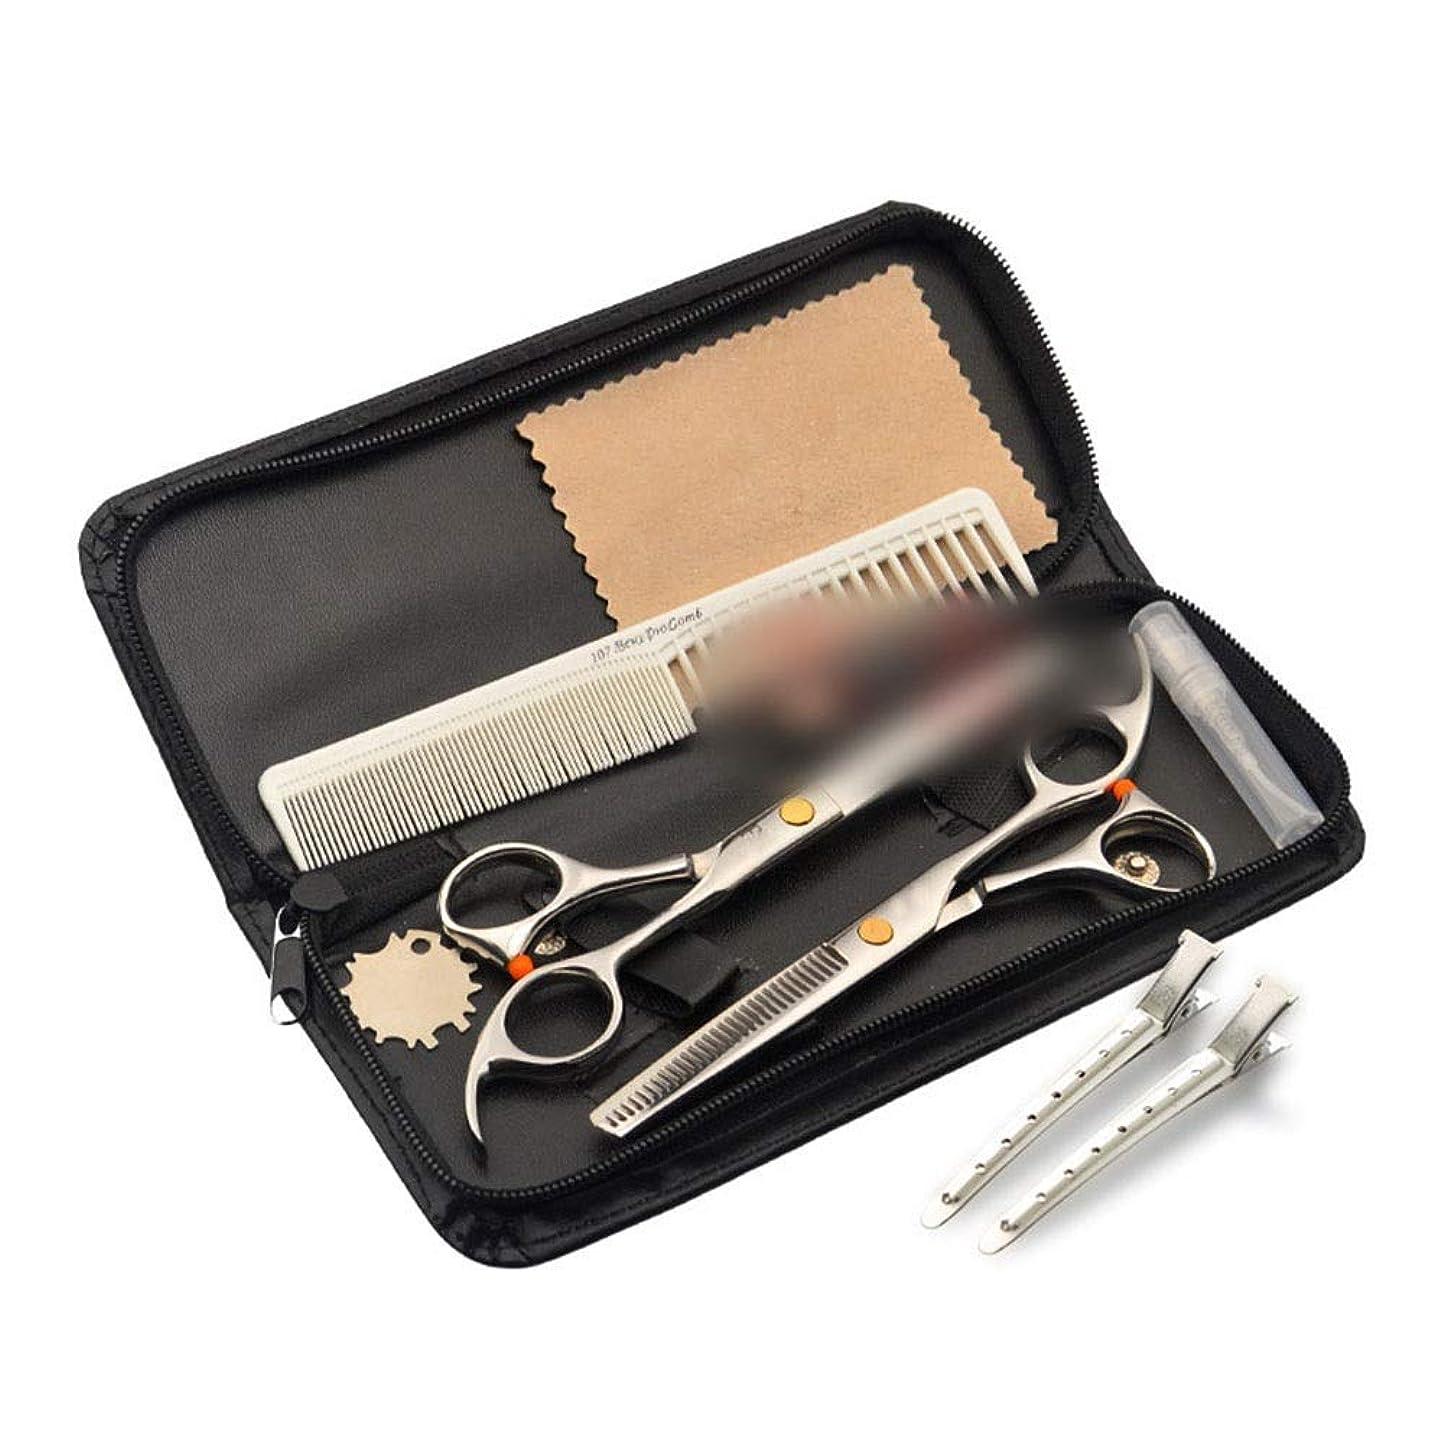 重大服を洗う剃る6.0インチプロフェッショナル理髪はさみセット、フラットはさみ+歯プロフェッショナル理髪はさみツールセット モデリングツール (色 : ゴールド)